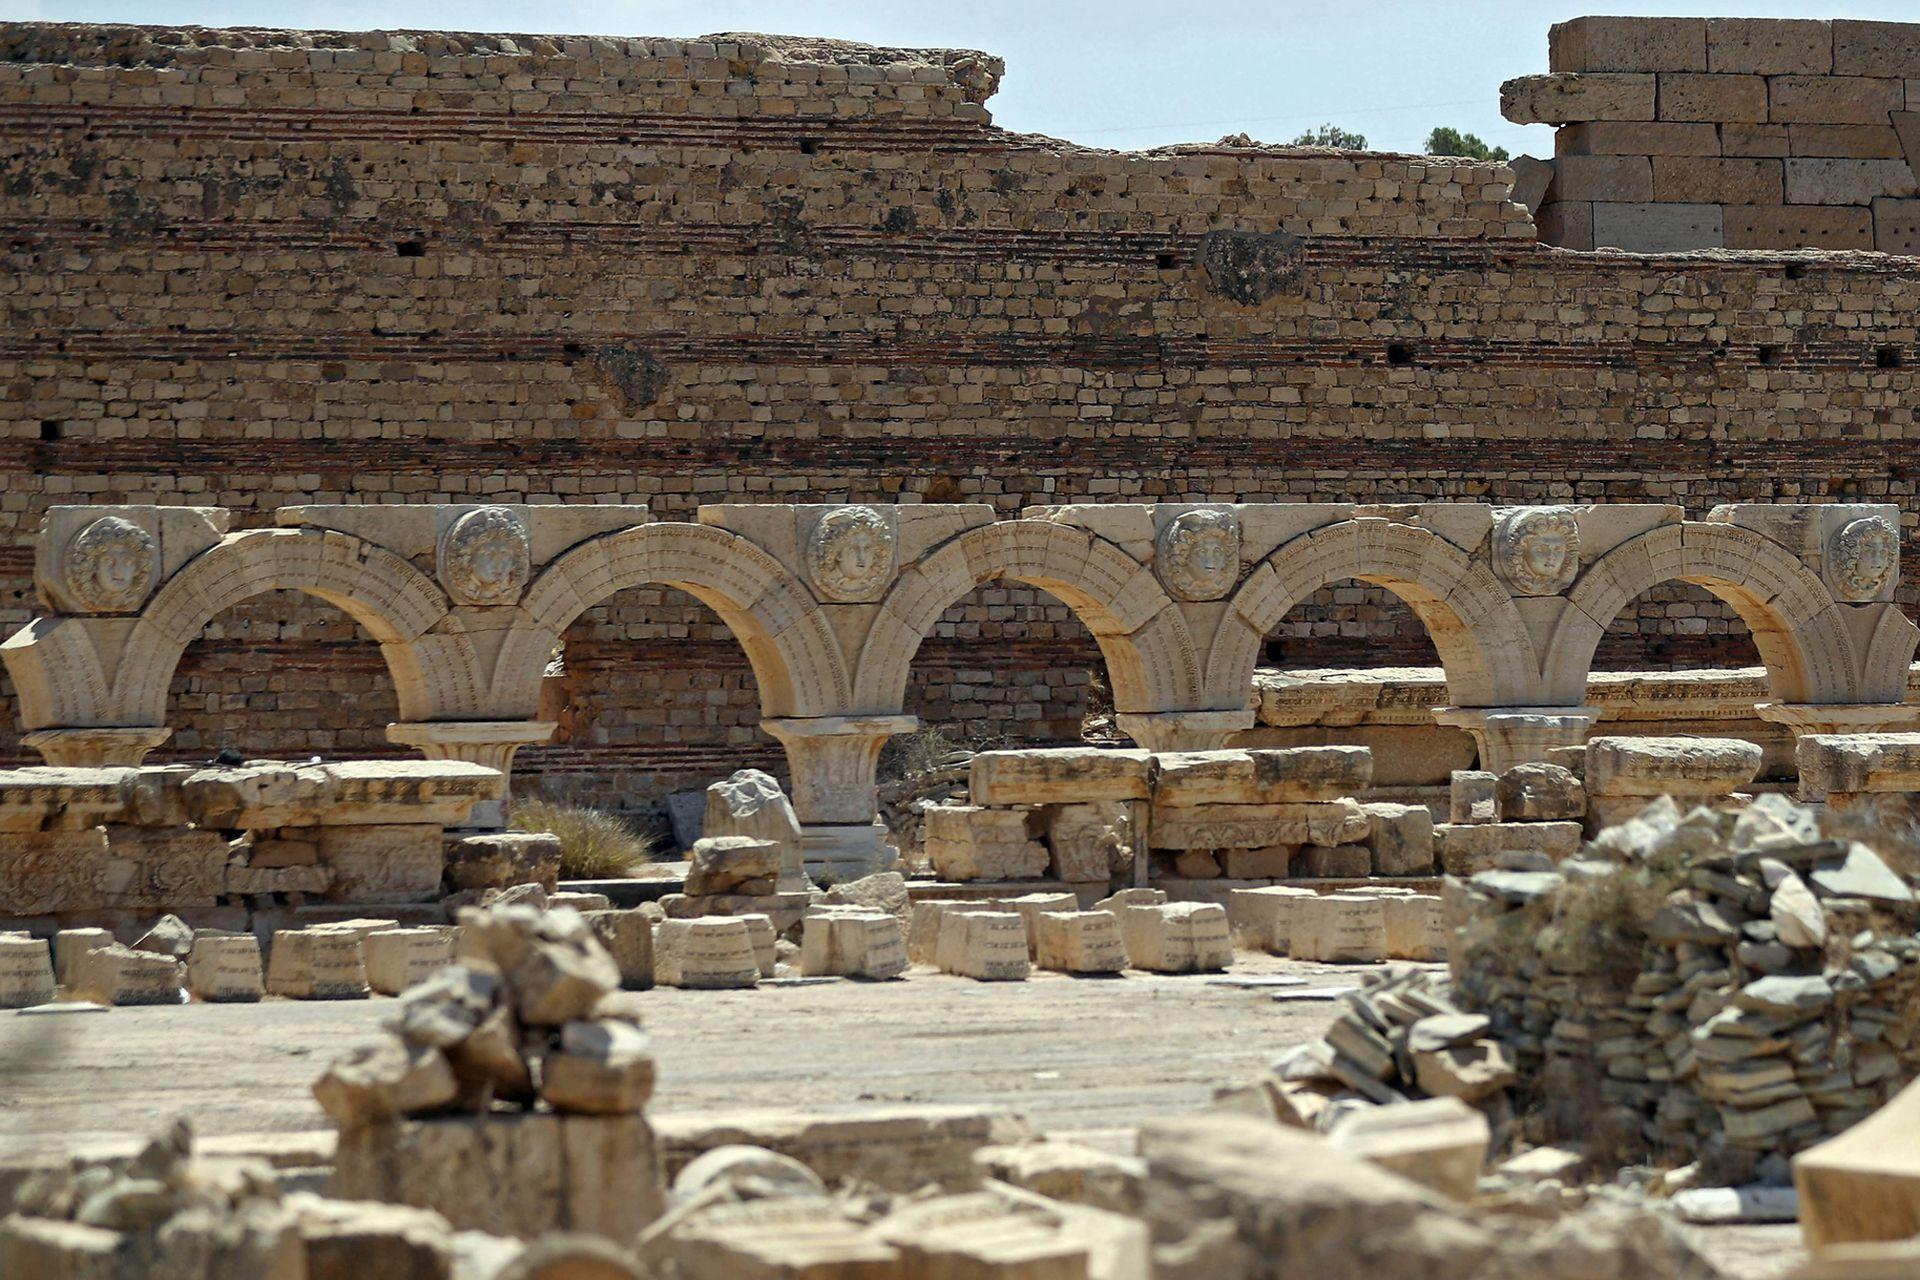 Leptis Magna en Libia Coast fue una vez una de las ciudades más bellas del Imperio Romano, pero ahora está abandonada y rechazada por los turistas debido a una década de guerra